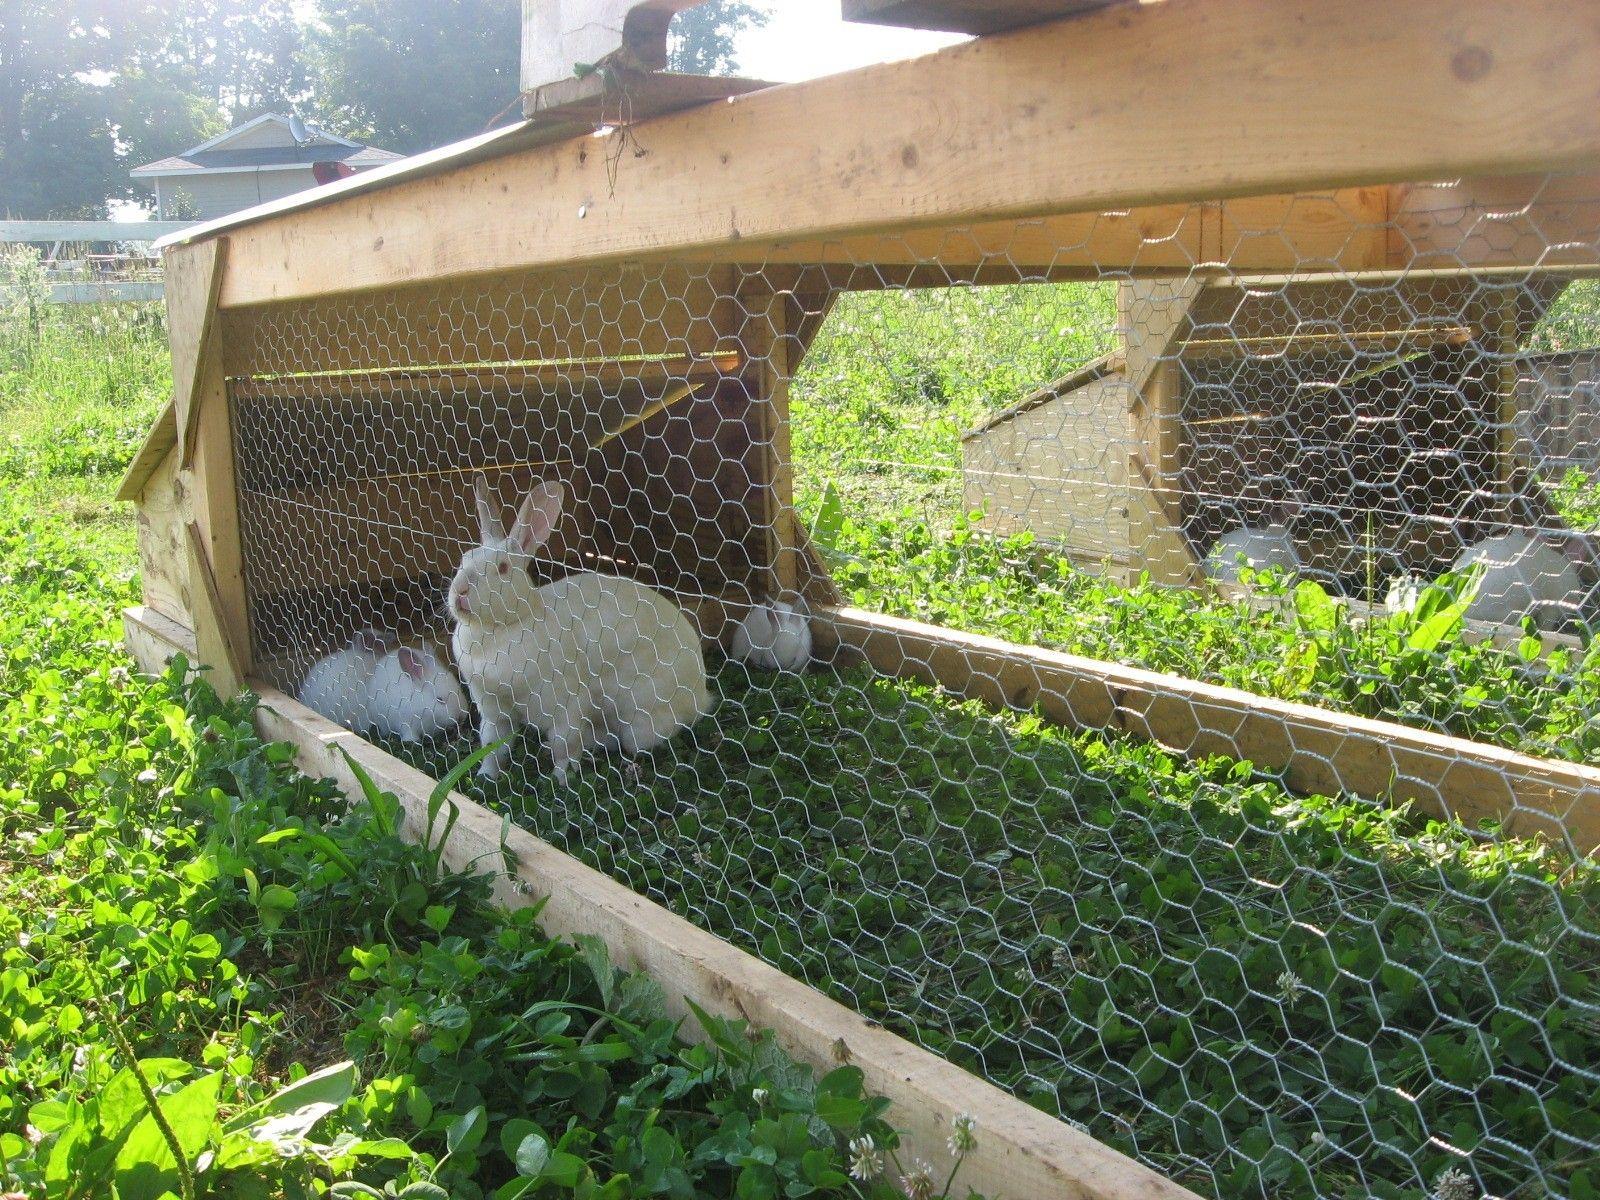 поддерживаемых кроличьи фермы фото адреса вам одна